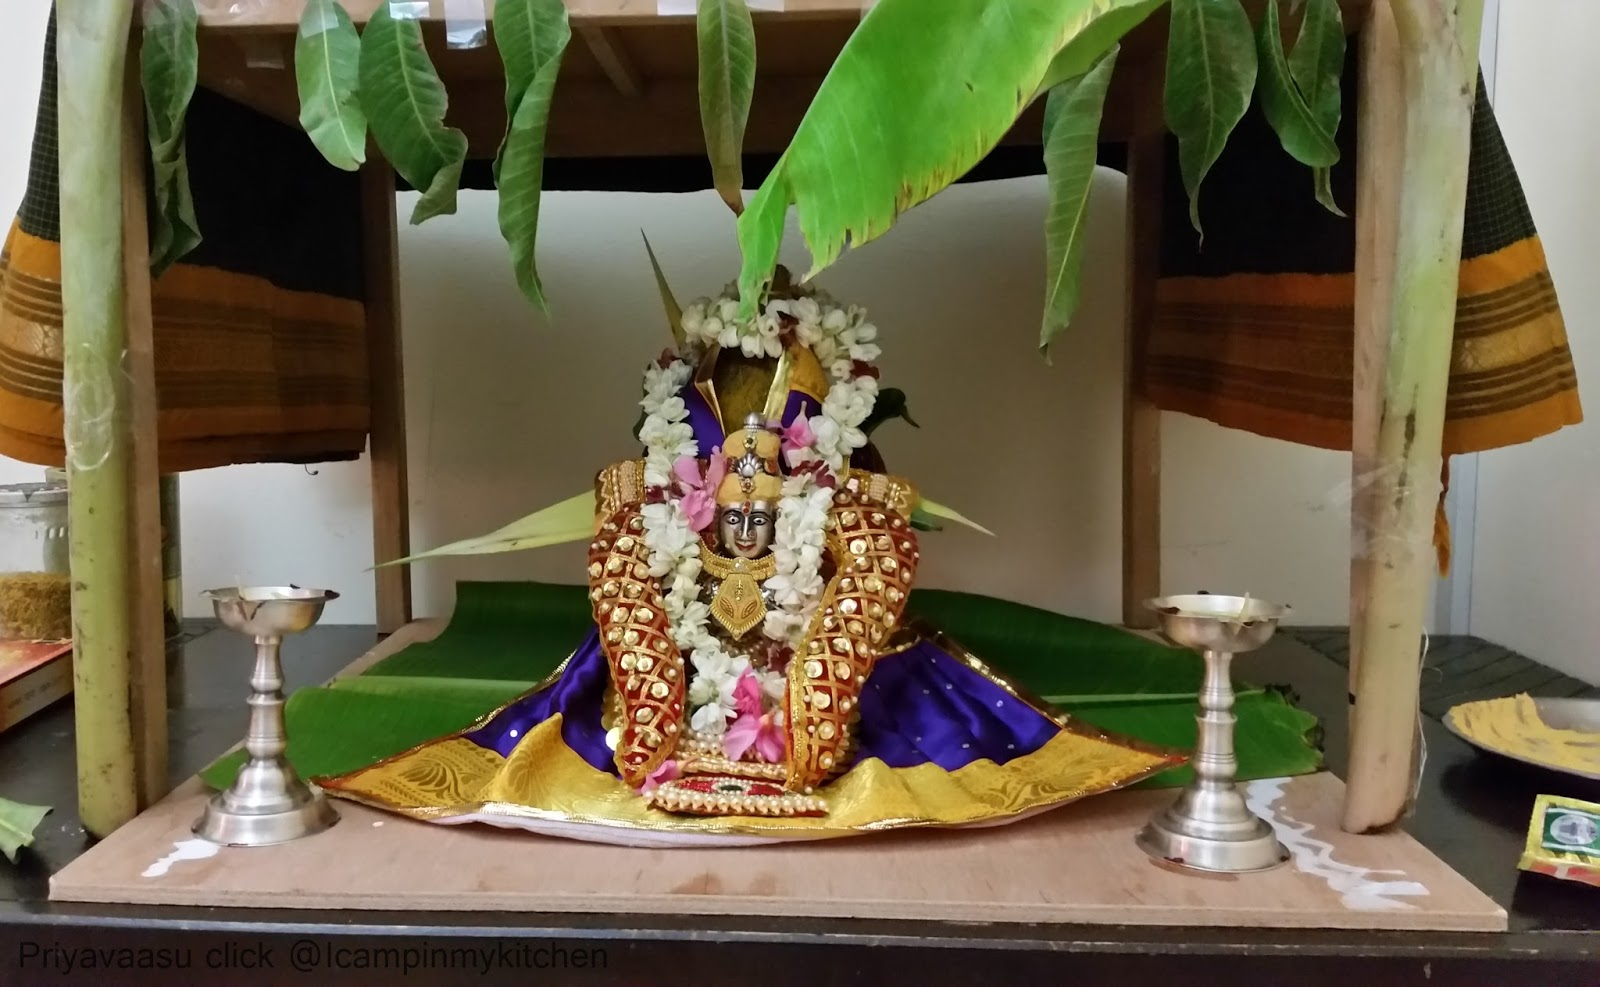 Varalakshmi Vratham & Navrathri Kalasam Jodanai/Decoration